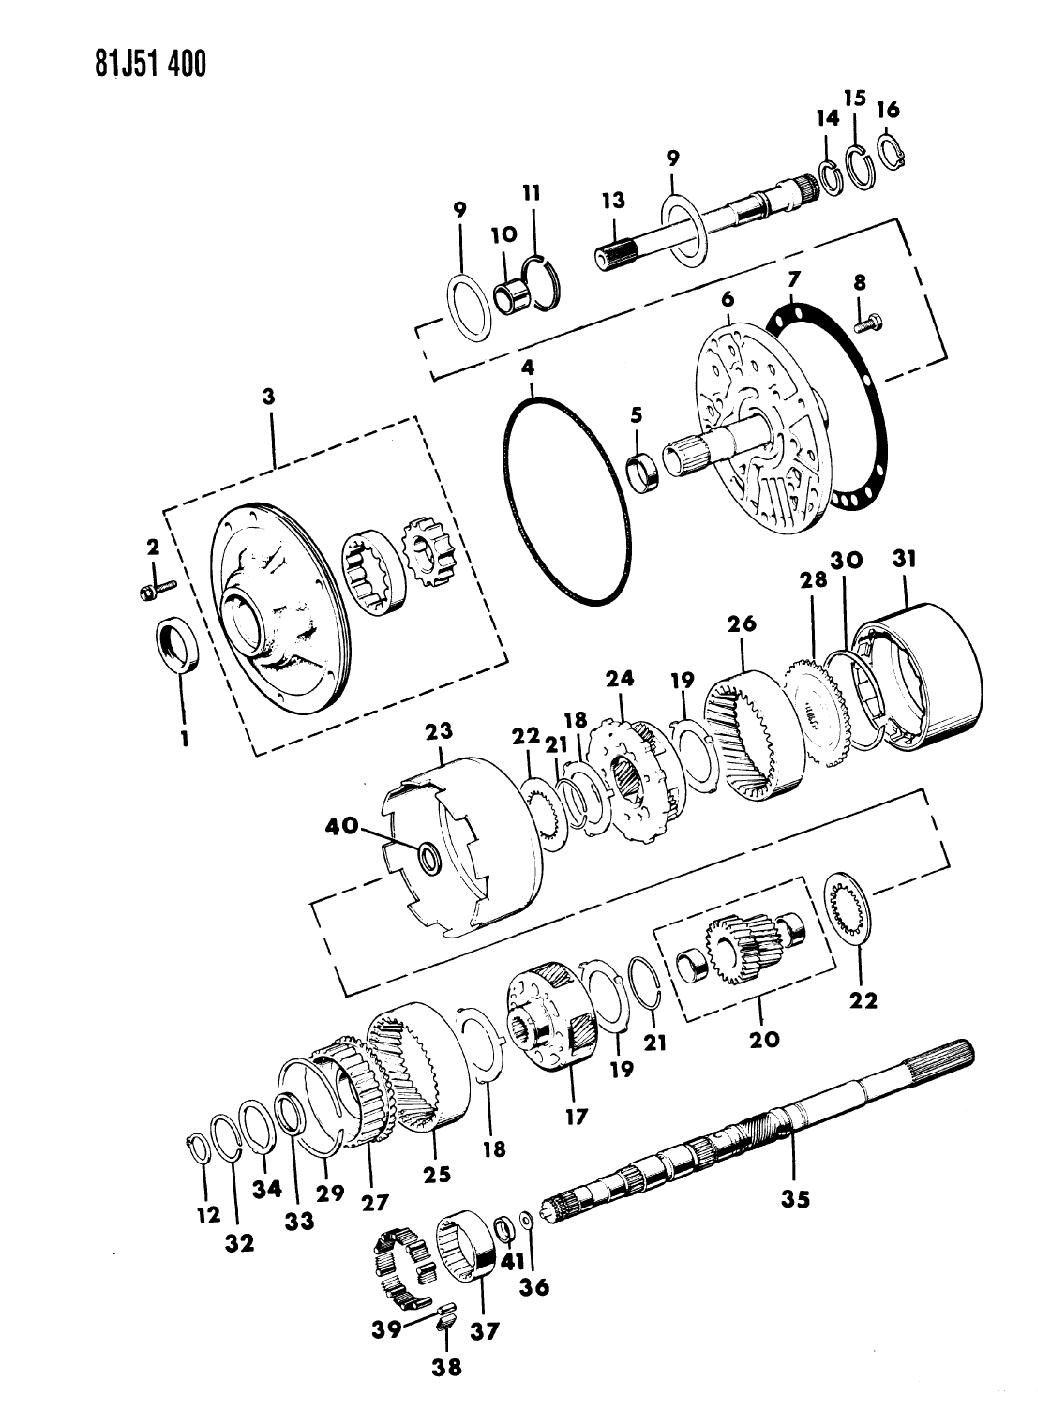 1984 Jeep Wrangler Oil Pump Gear Train Mopar Parts Giant 4 0l Engine Bellhousing Diagram